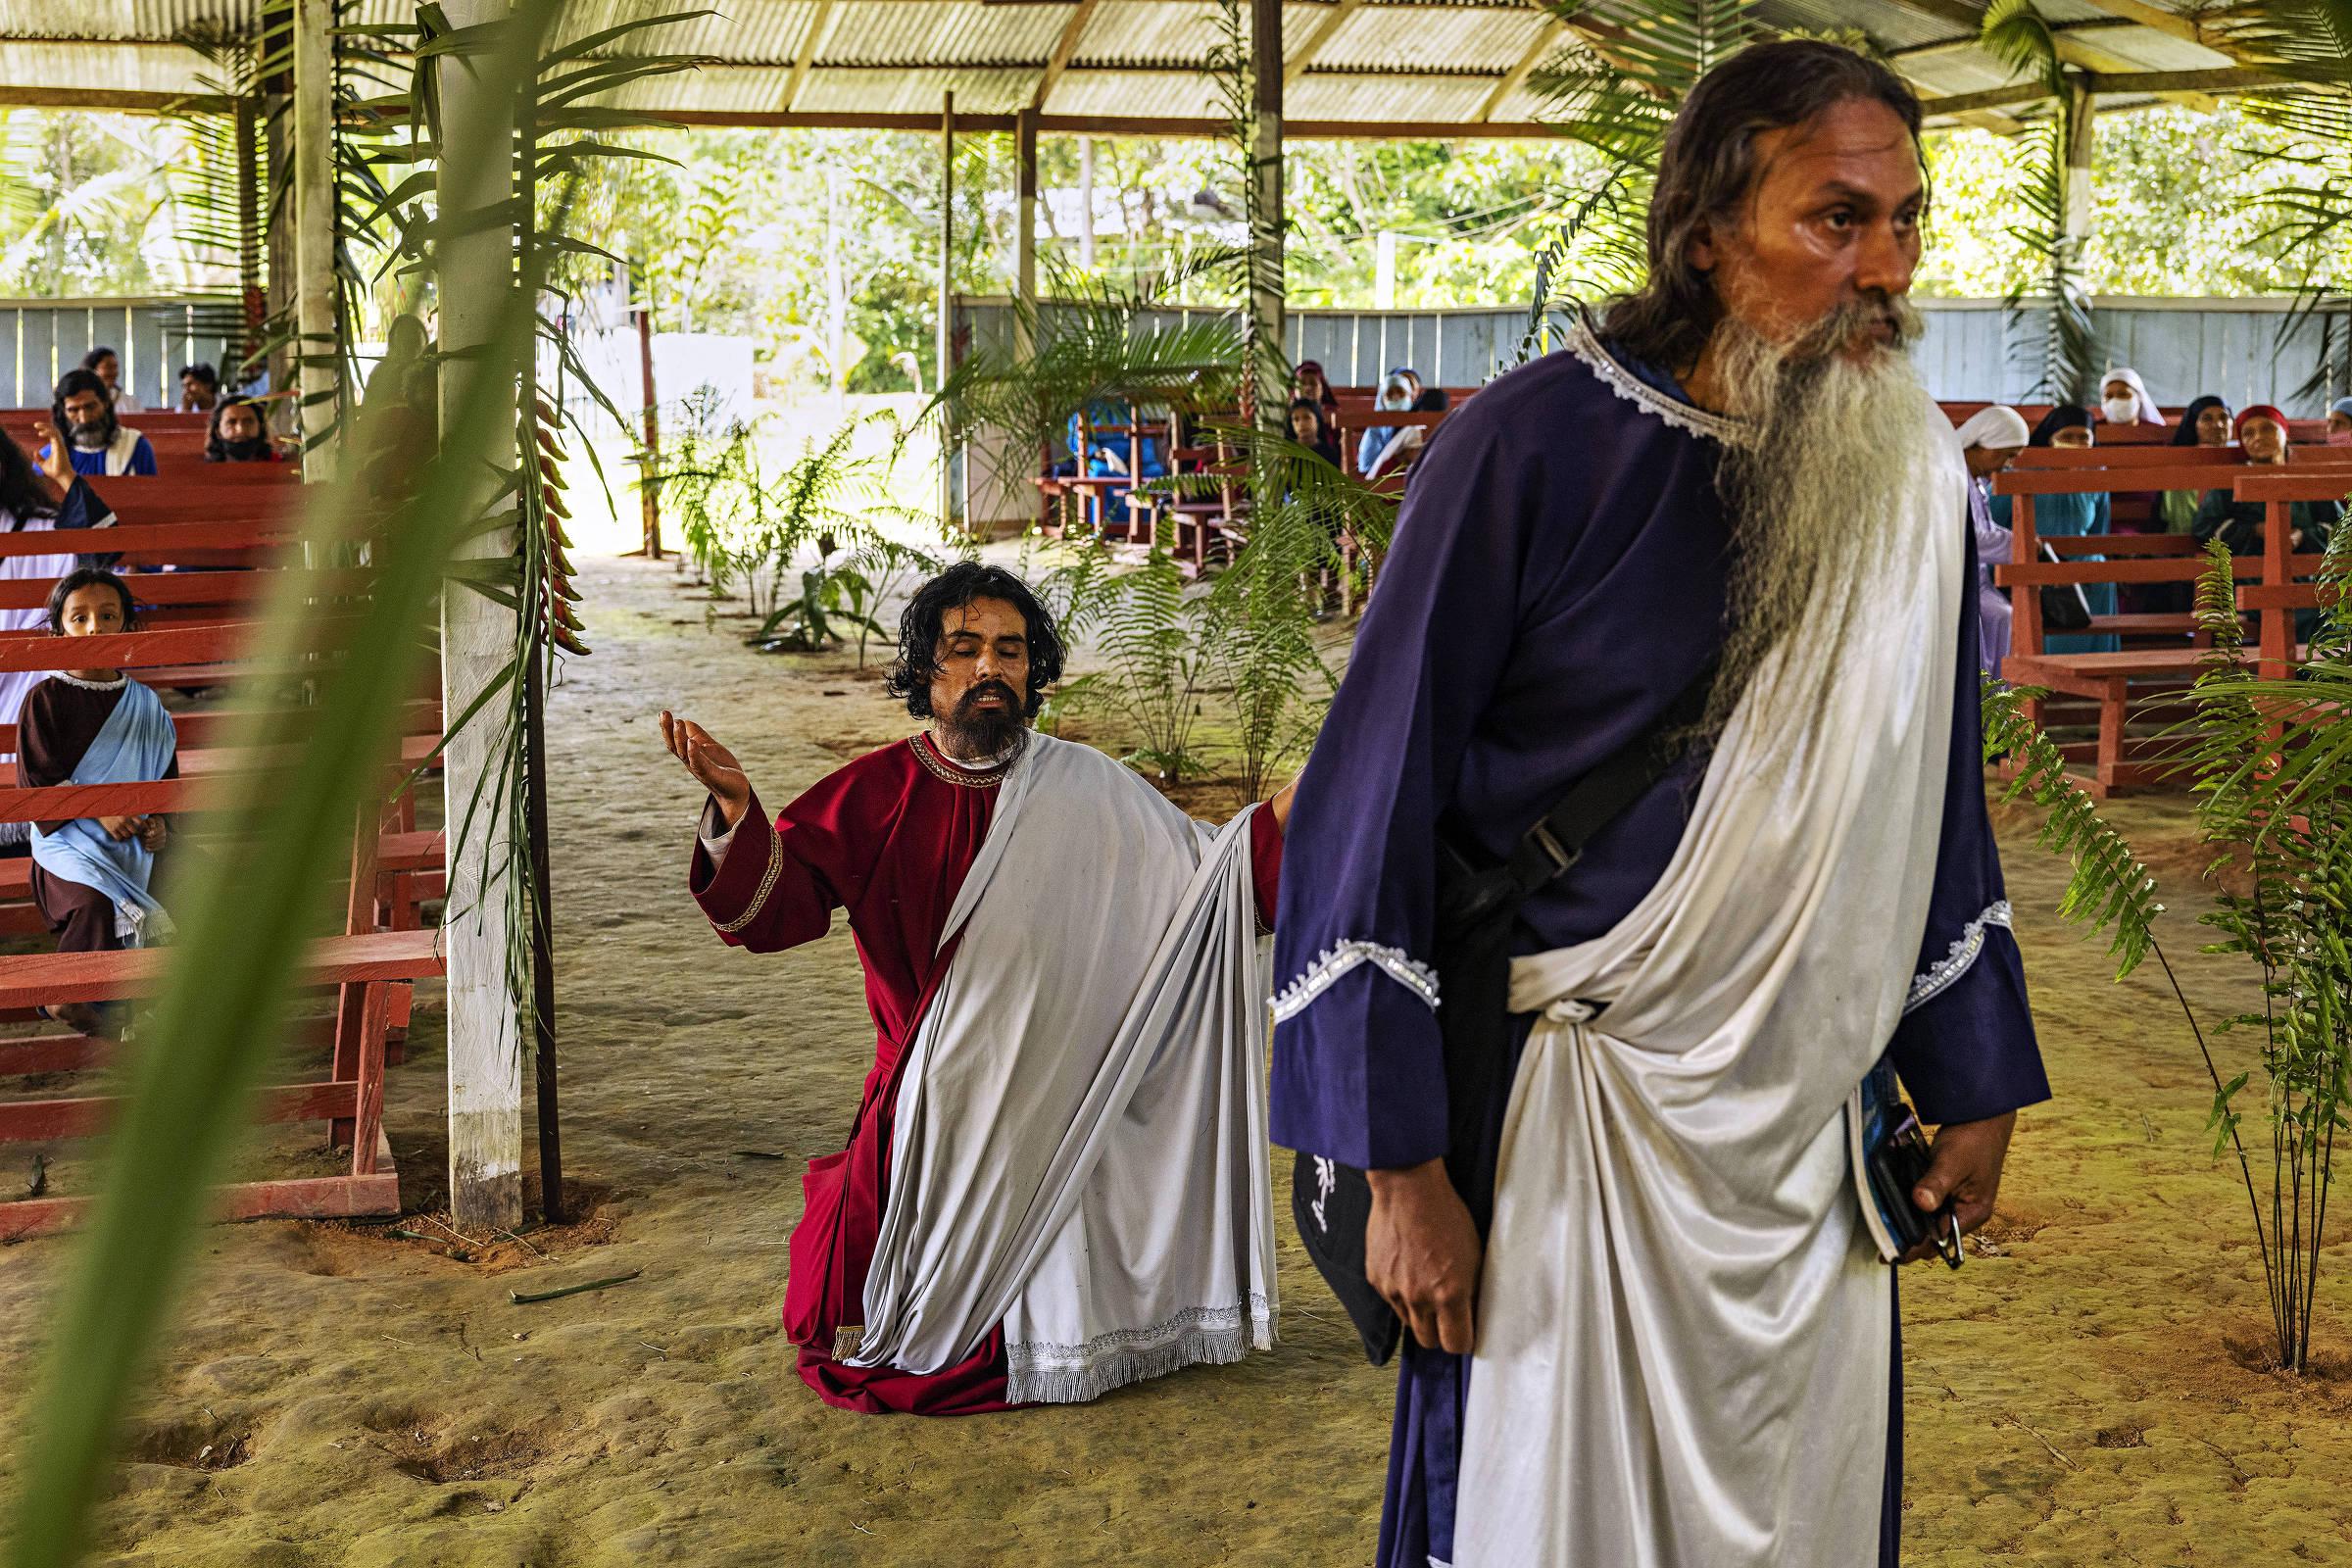 Fiéis participam de culto na igreja Missão Israelita do Novo Pacto Universal durante retiro dos fiéis na zona rural de Benjamin Constant, no Brasil